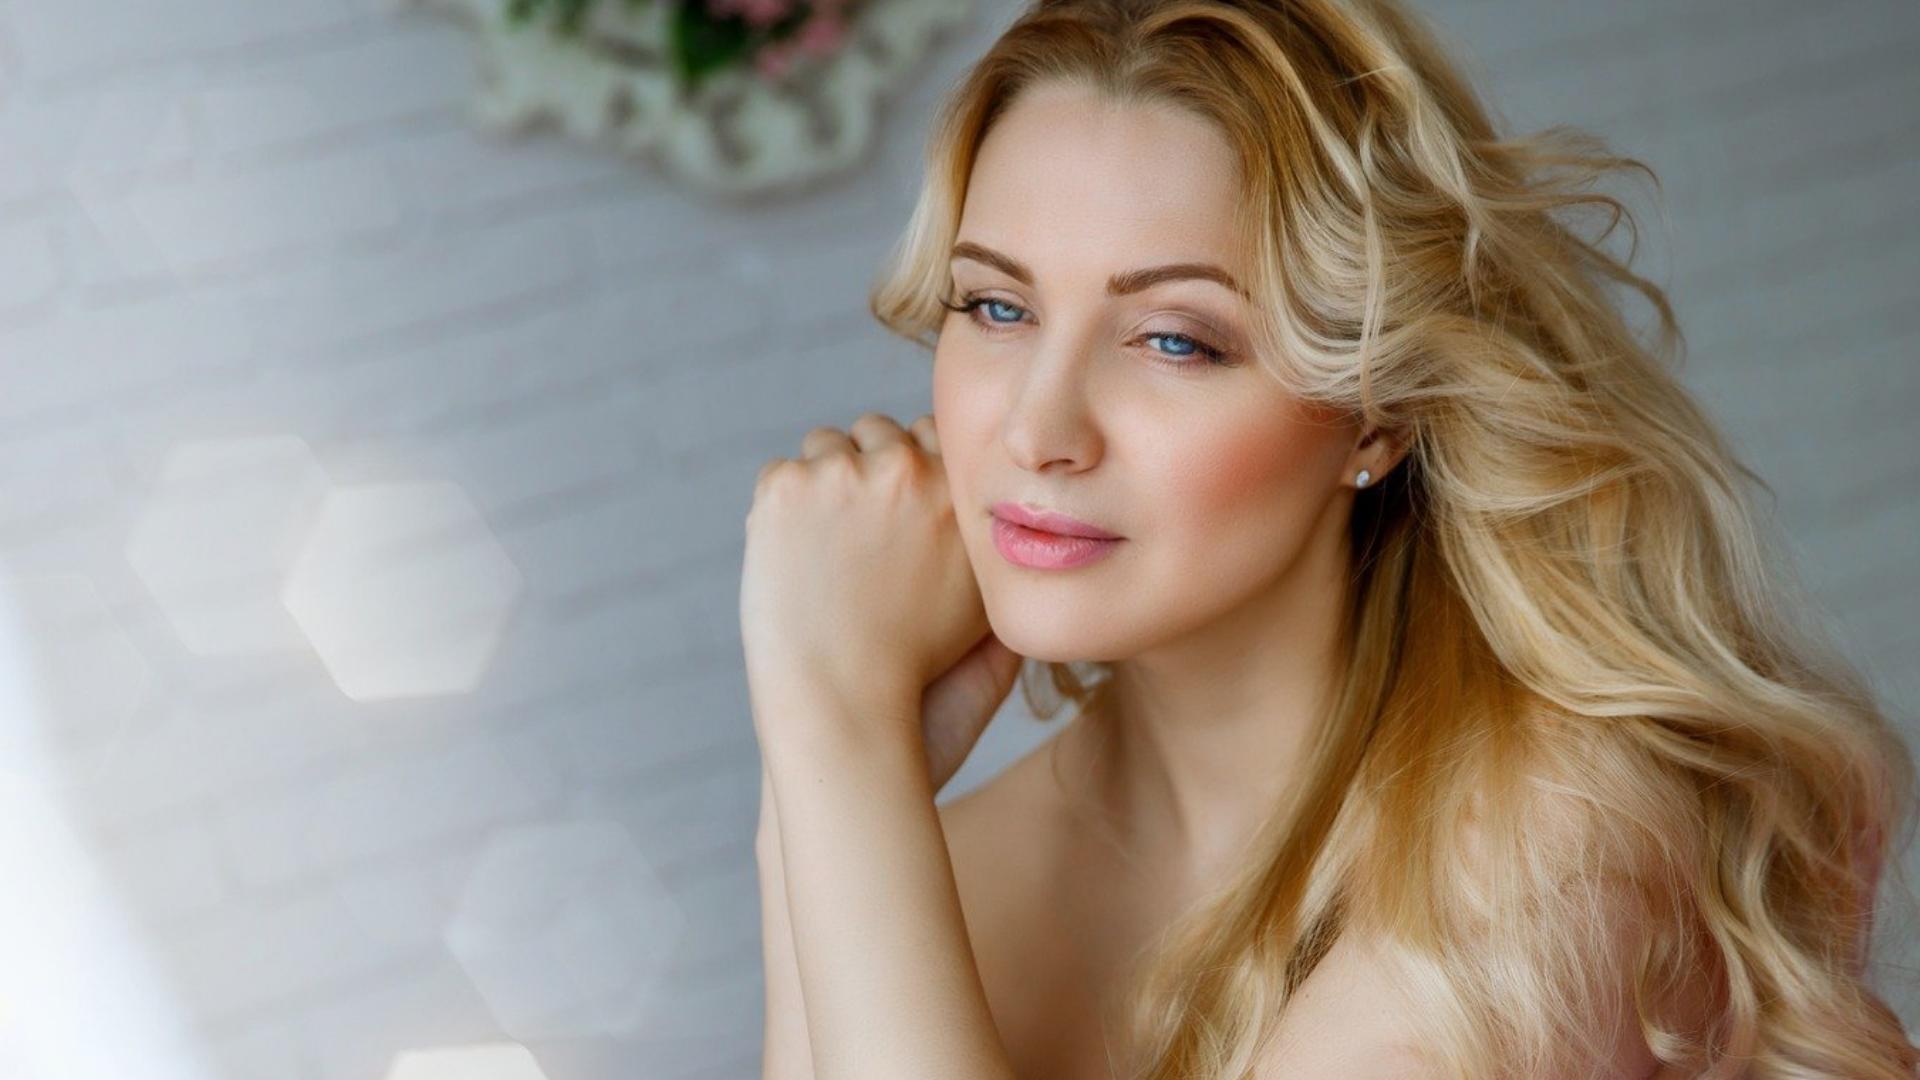 iLumi4 je najsodobnejša laserska terapija za pomlajevanje kože obraza, ki jo izvajamo na naši kliniki.